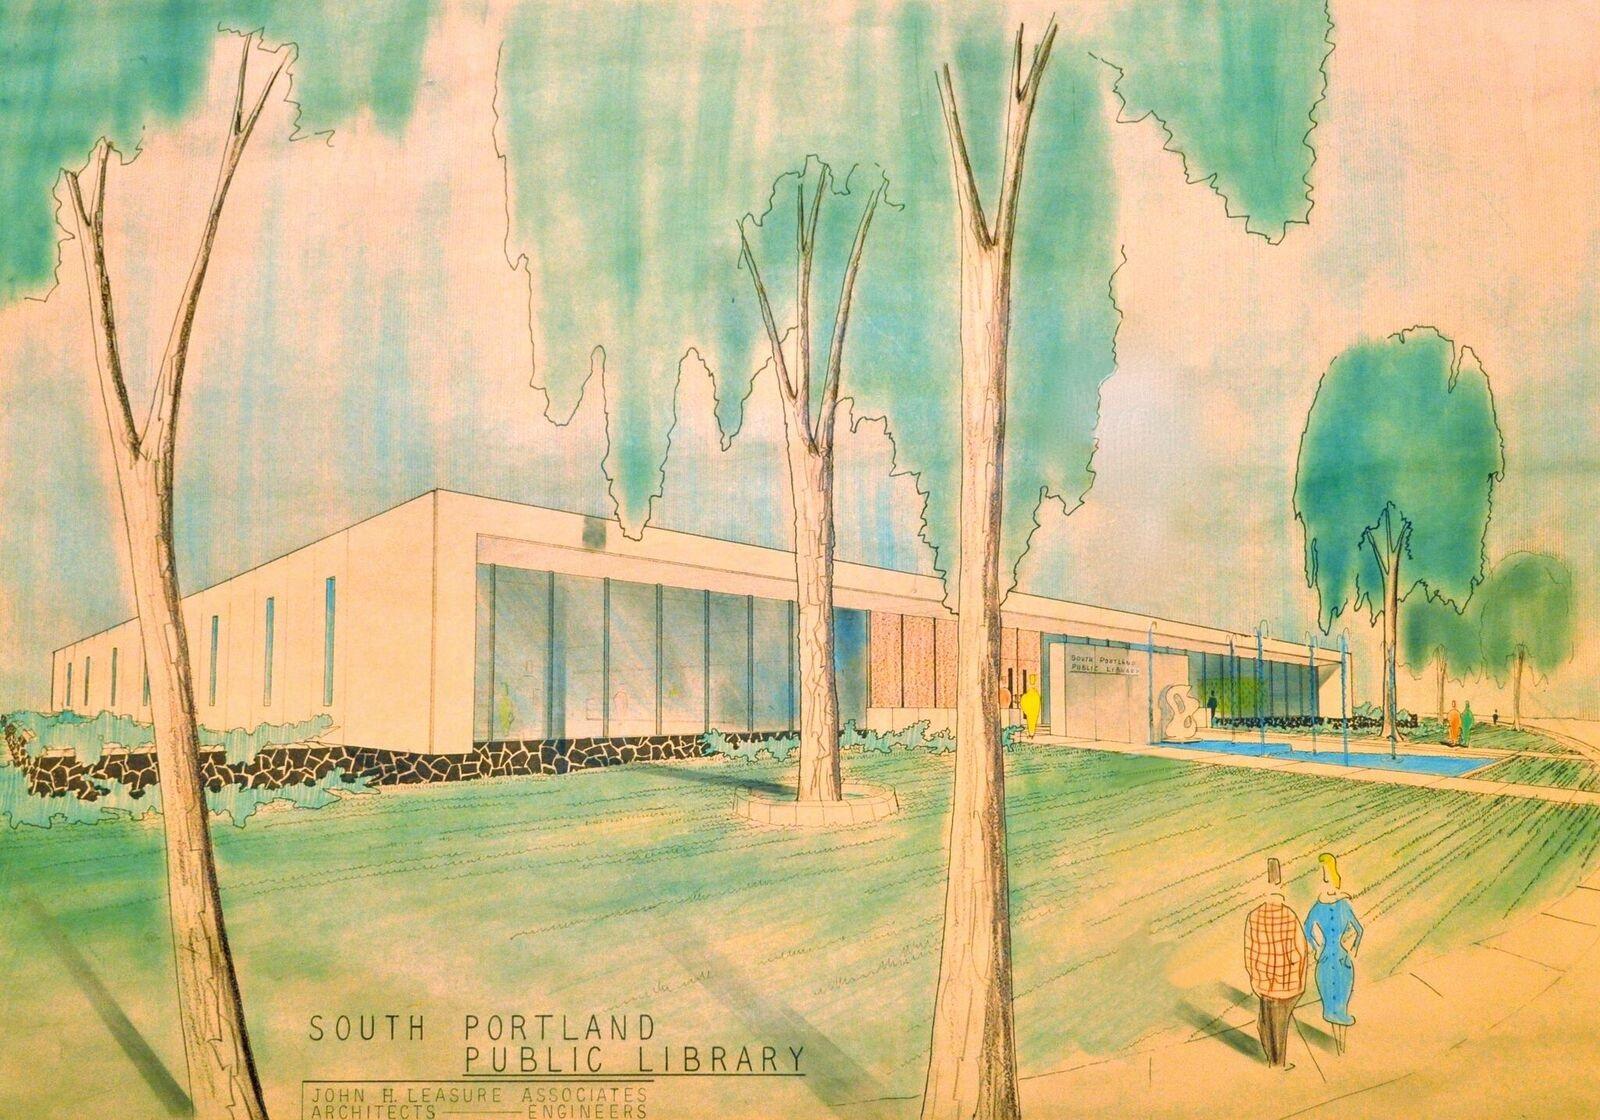 John Leasure Original Design